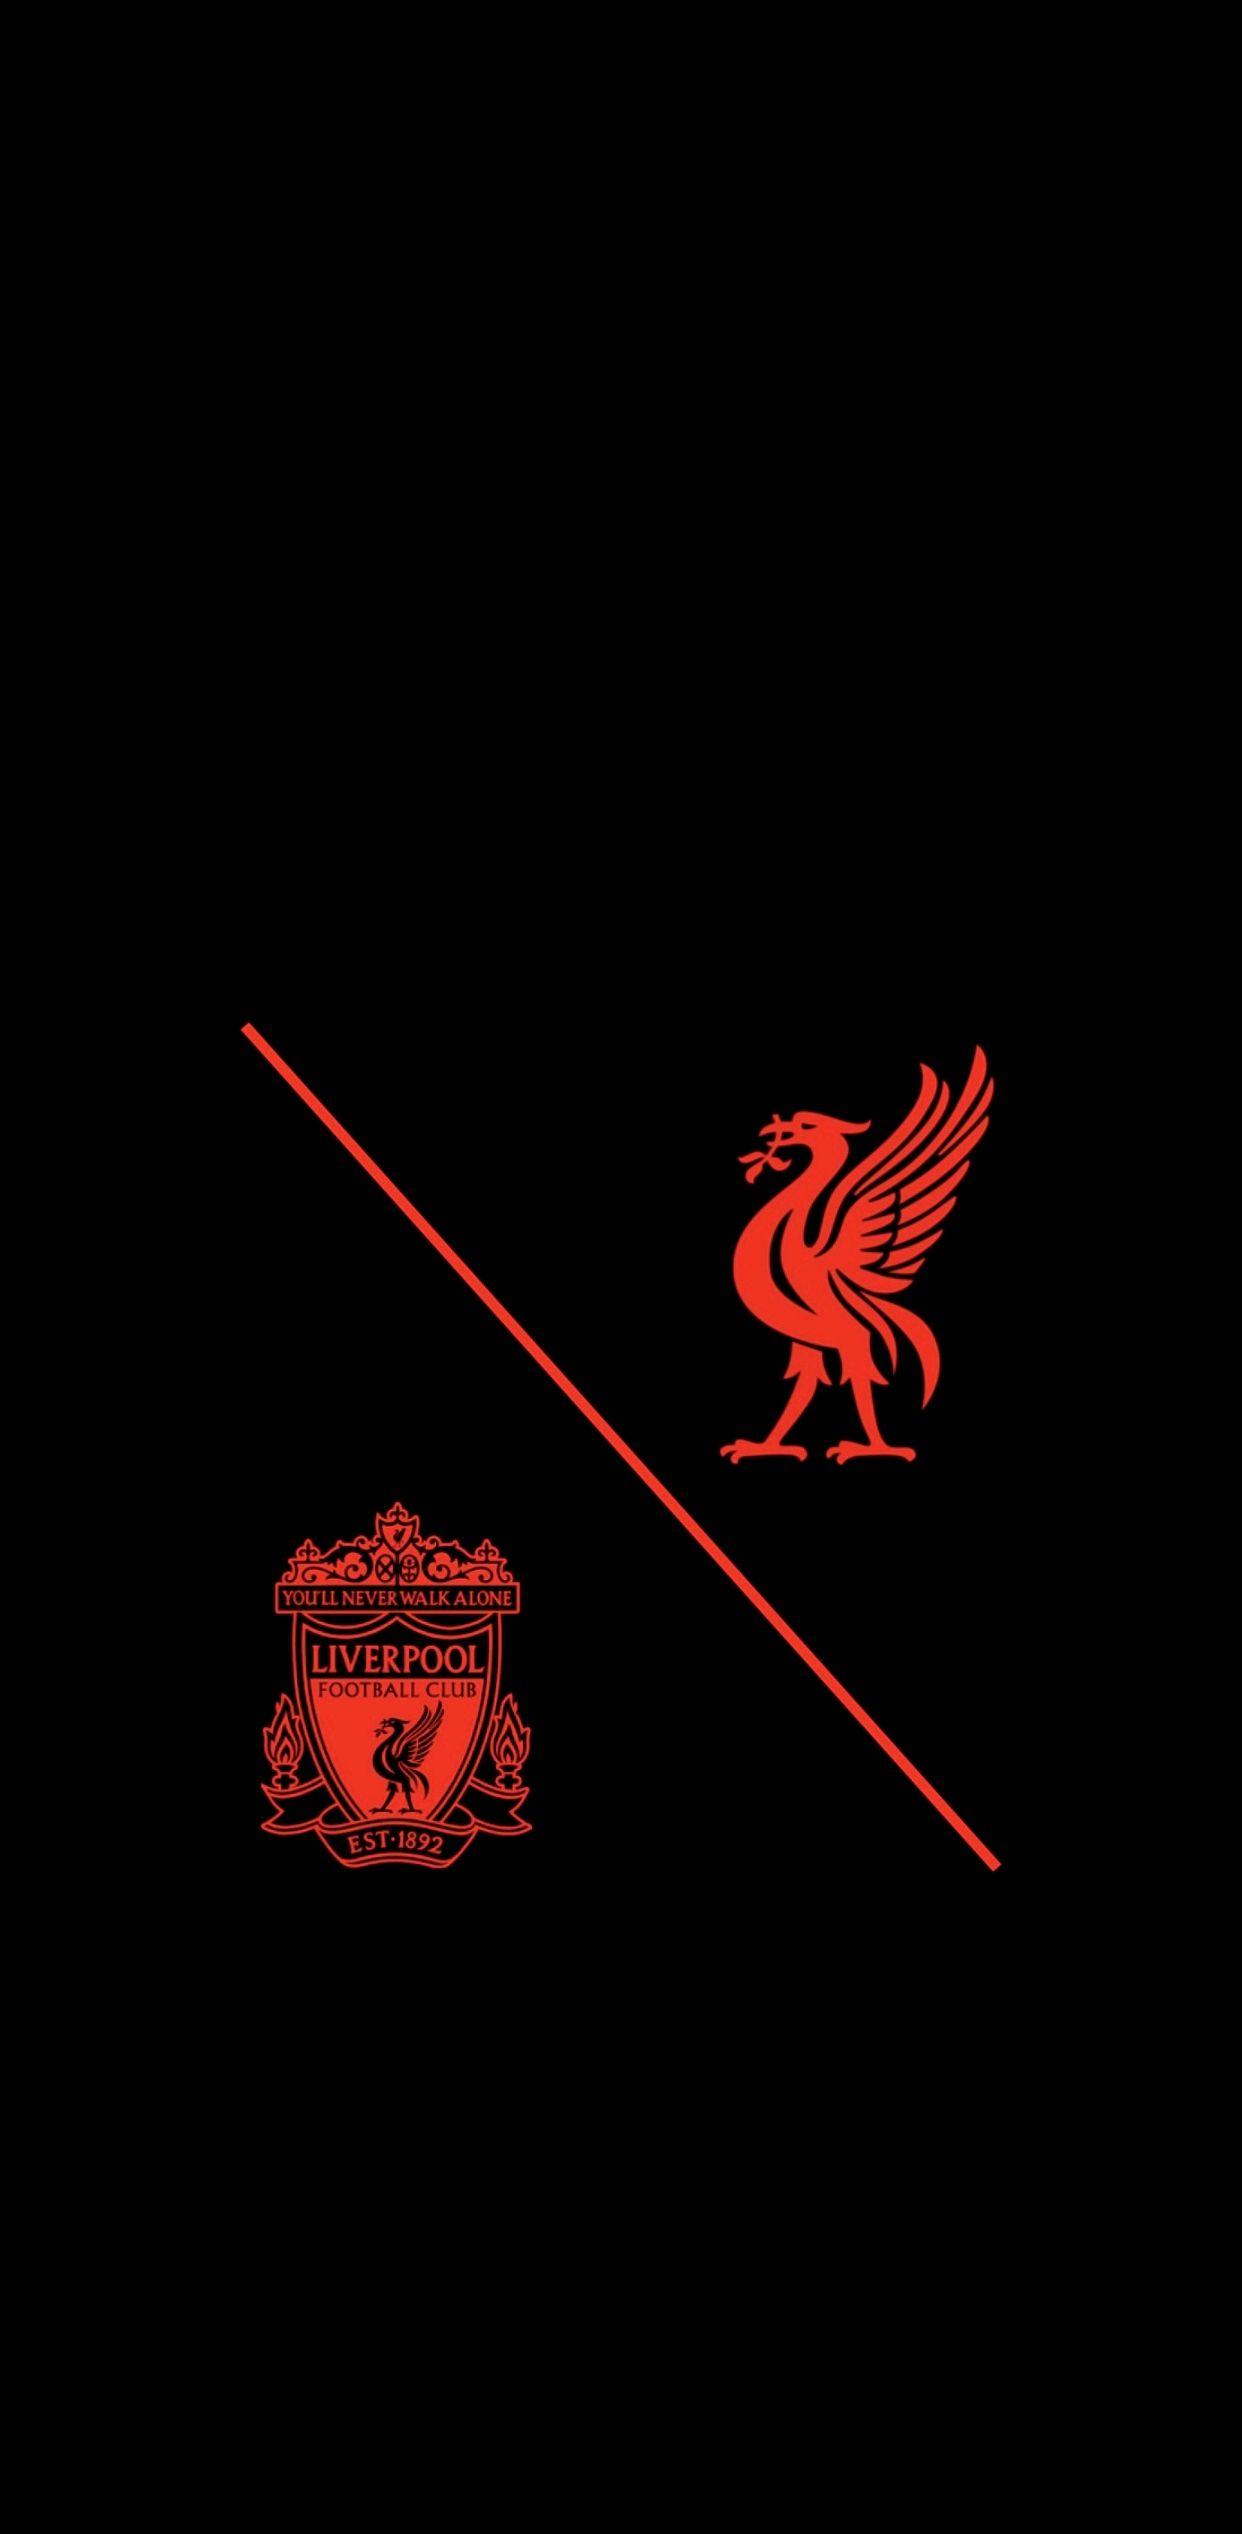 Liverpool Wallpaper di 2021 Olahraga Wallpaper ponsel Buku 1242x2534